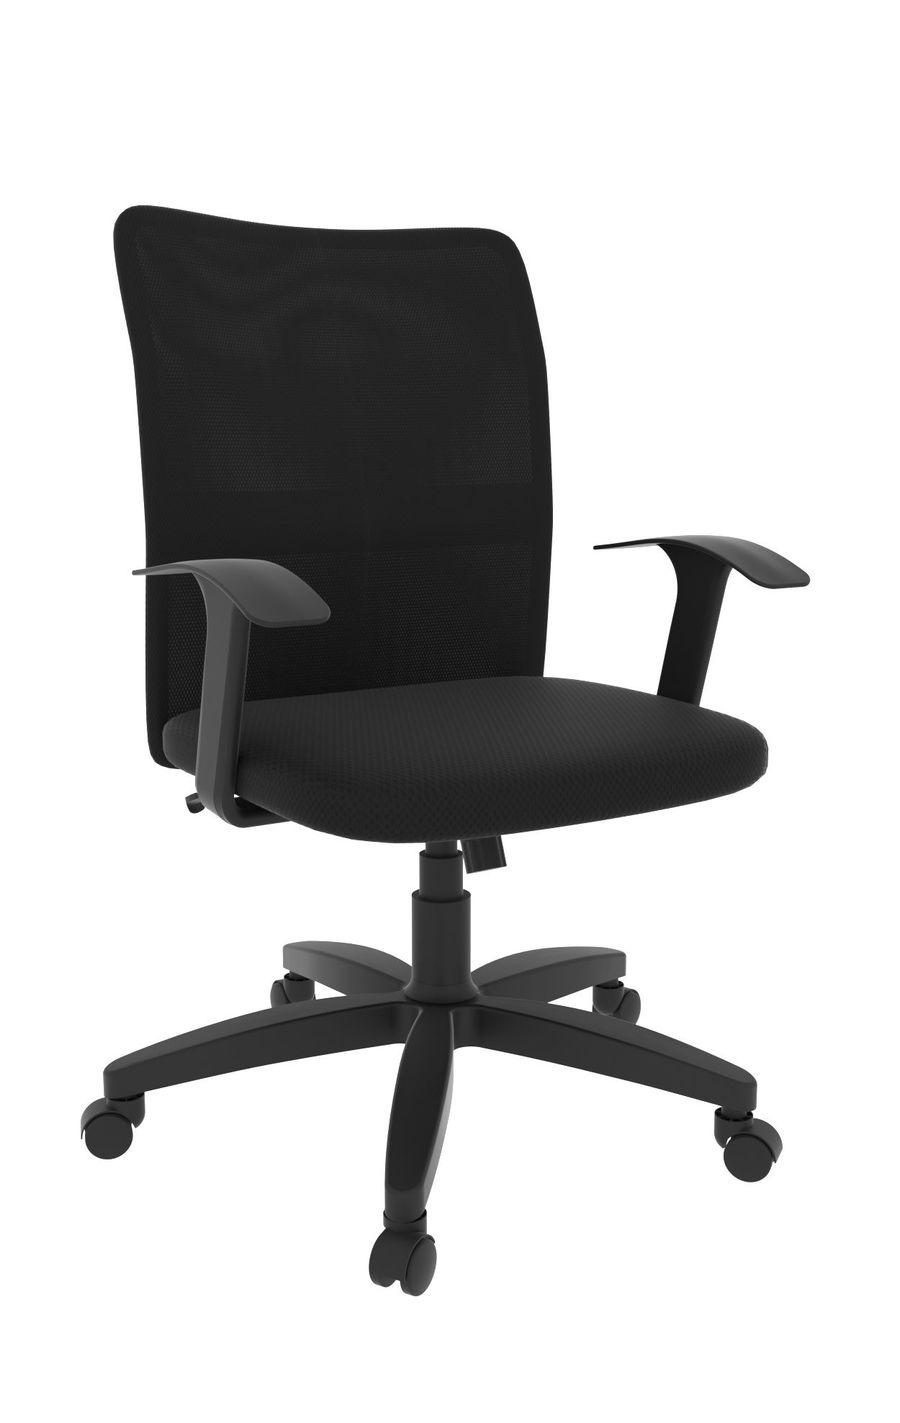 Офисное кресло Leo B black/Ткань сетка чёрная